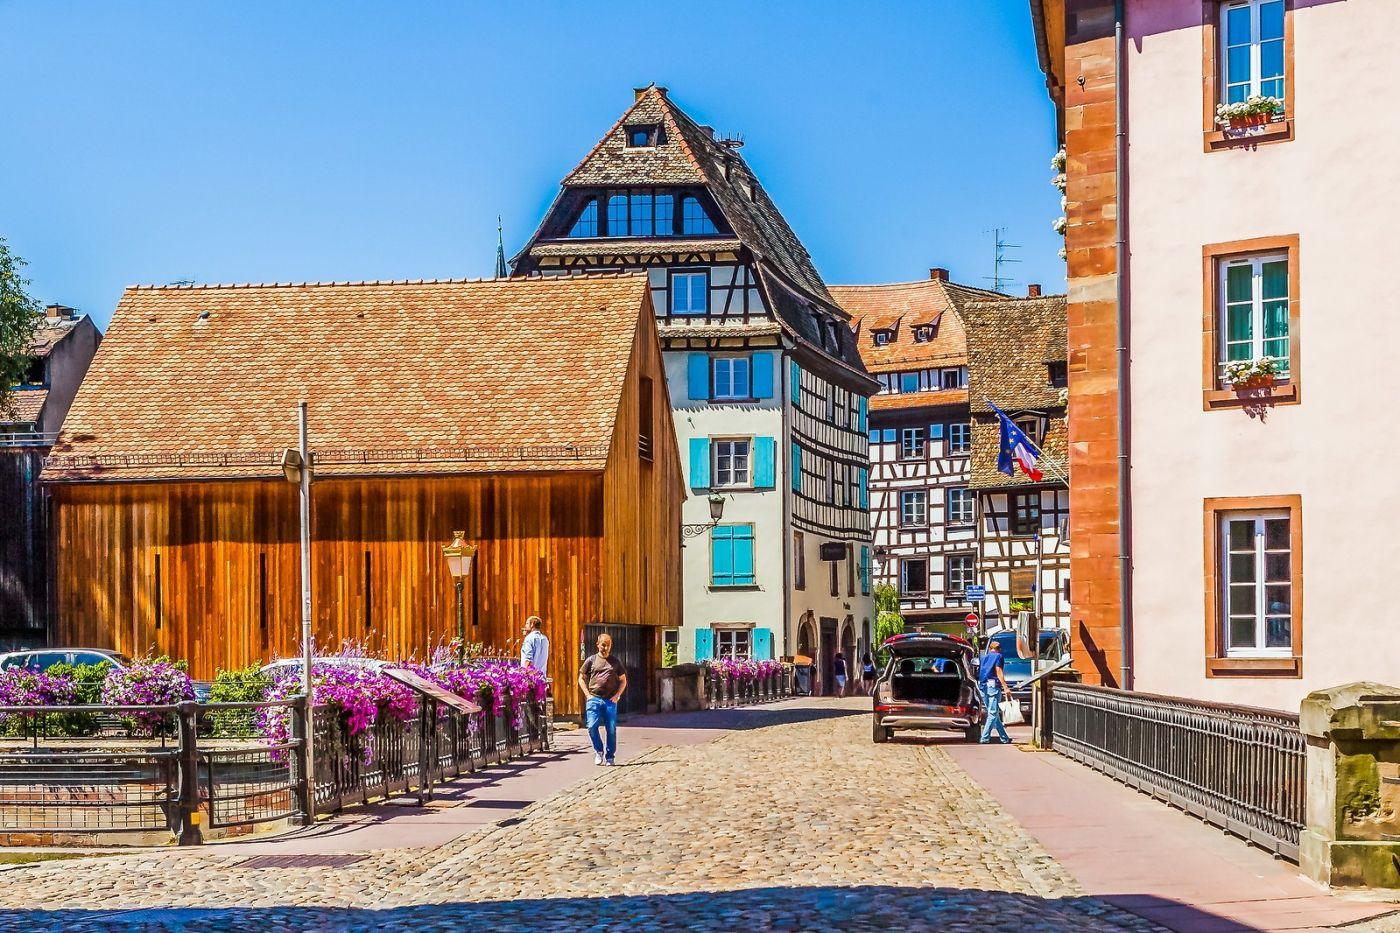 法国斯特拉斯堡(Strasbourg),边走边拍_图1-11